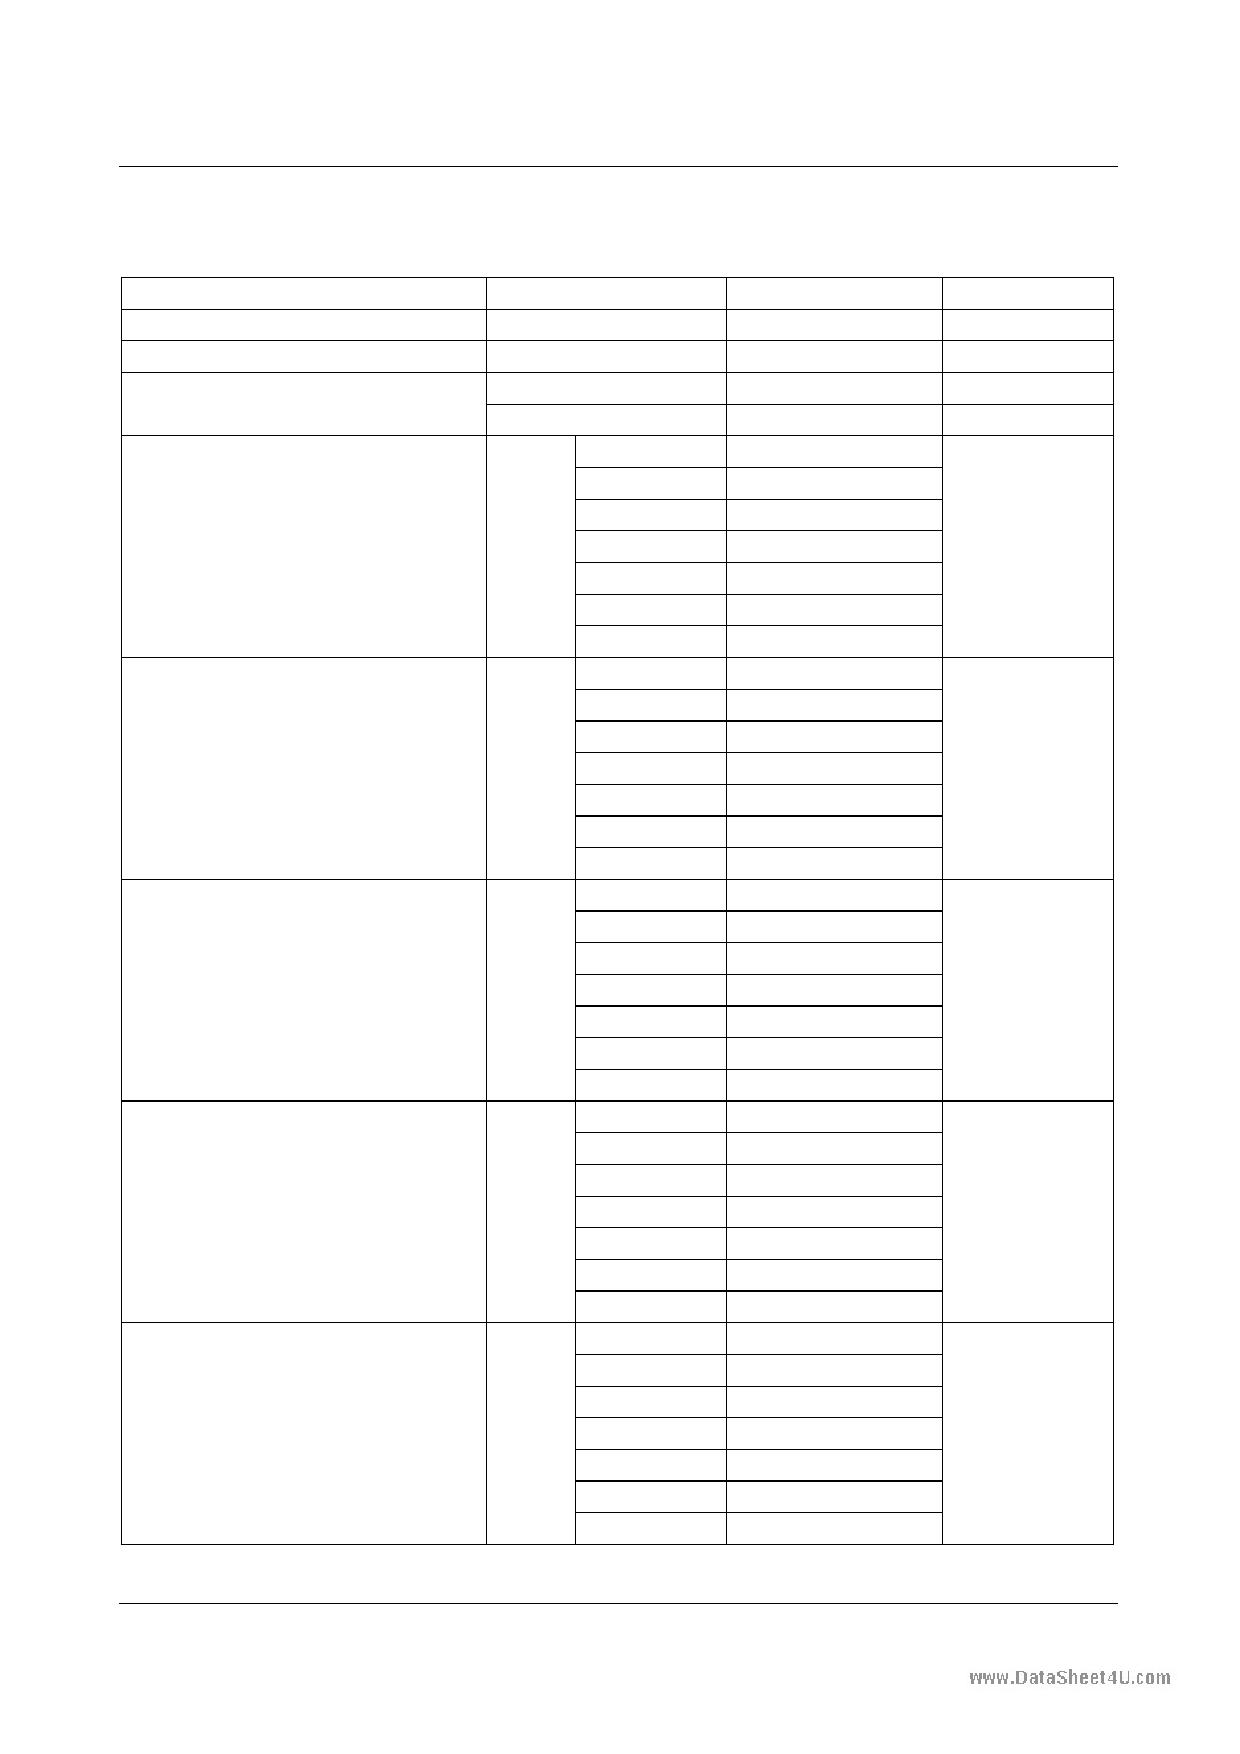 CQ1565RT pdf, 반도체, 판매, 대치품